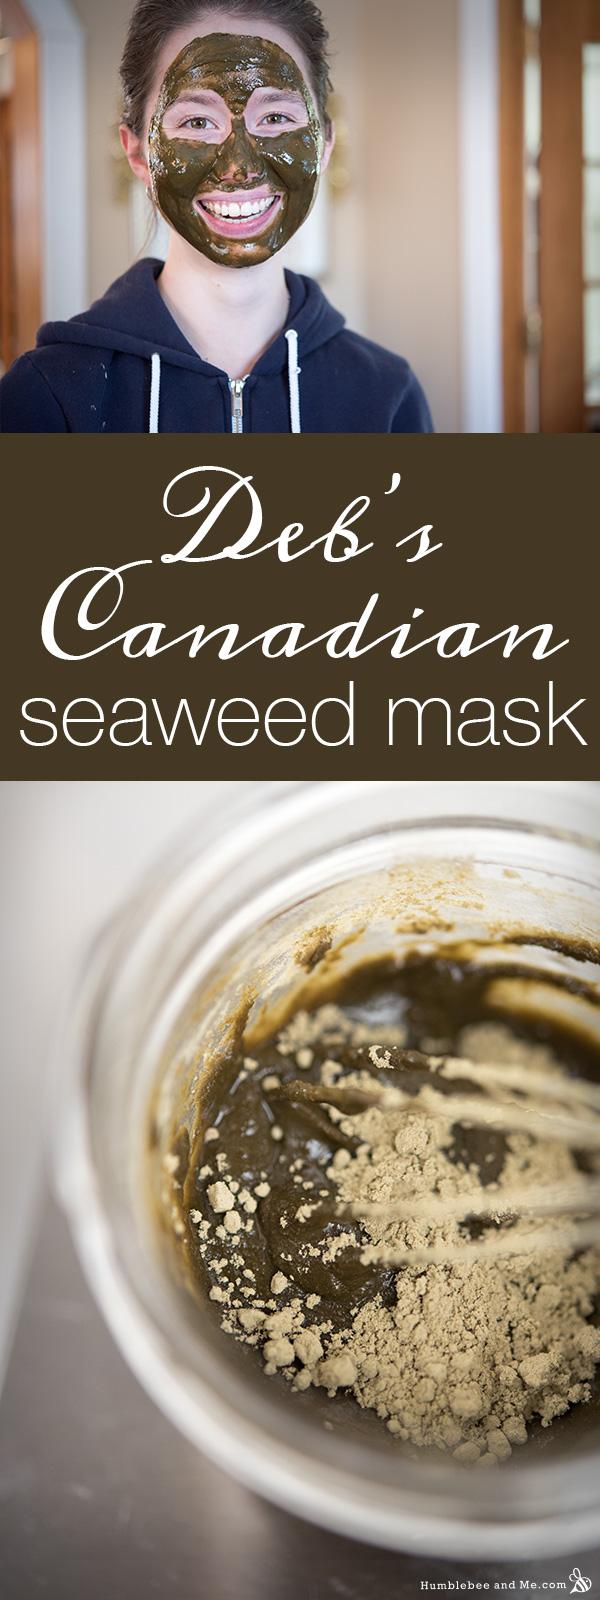 Deb - s канадская маска из морских водорослей